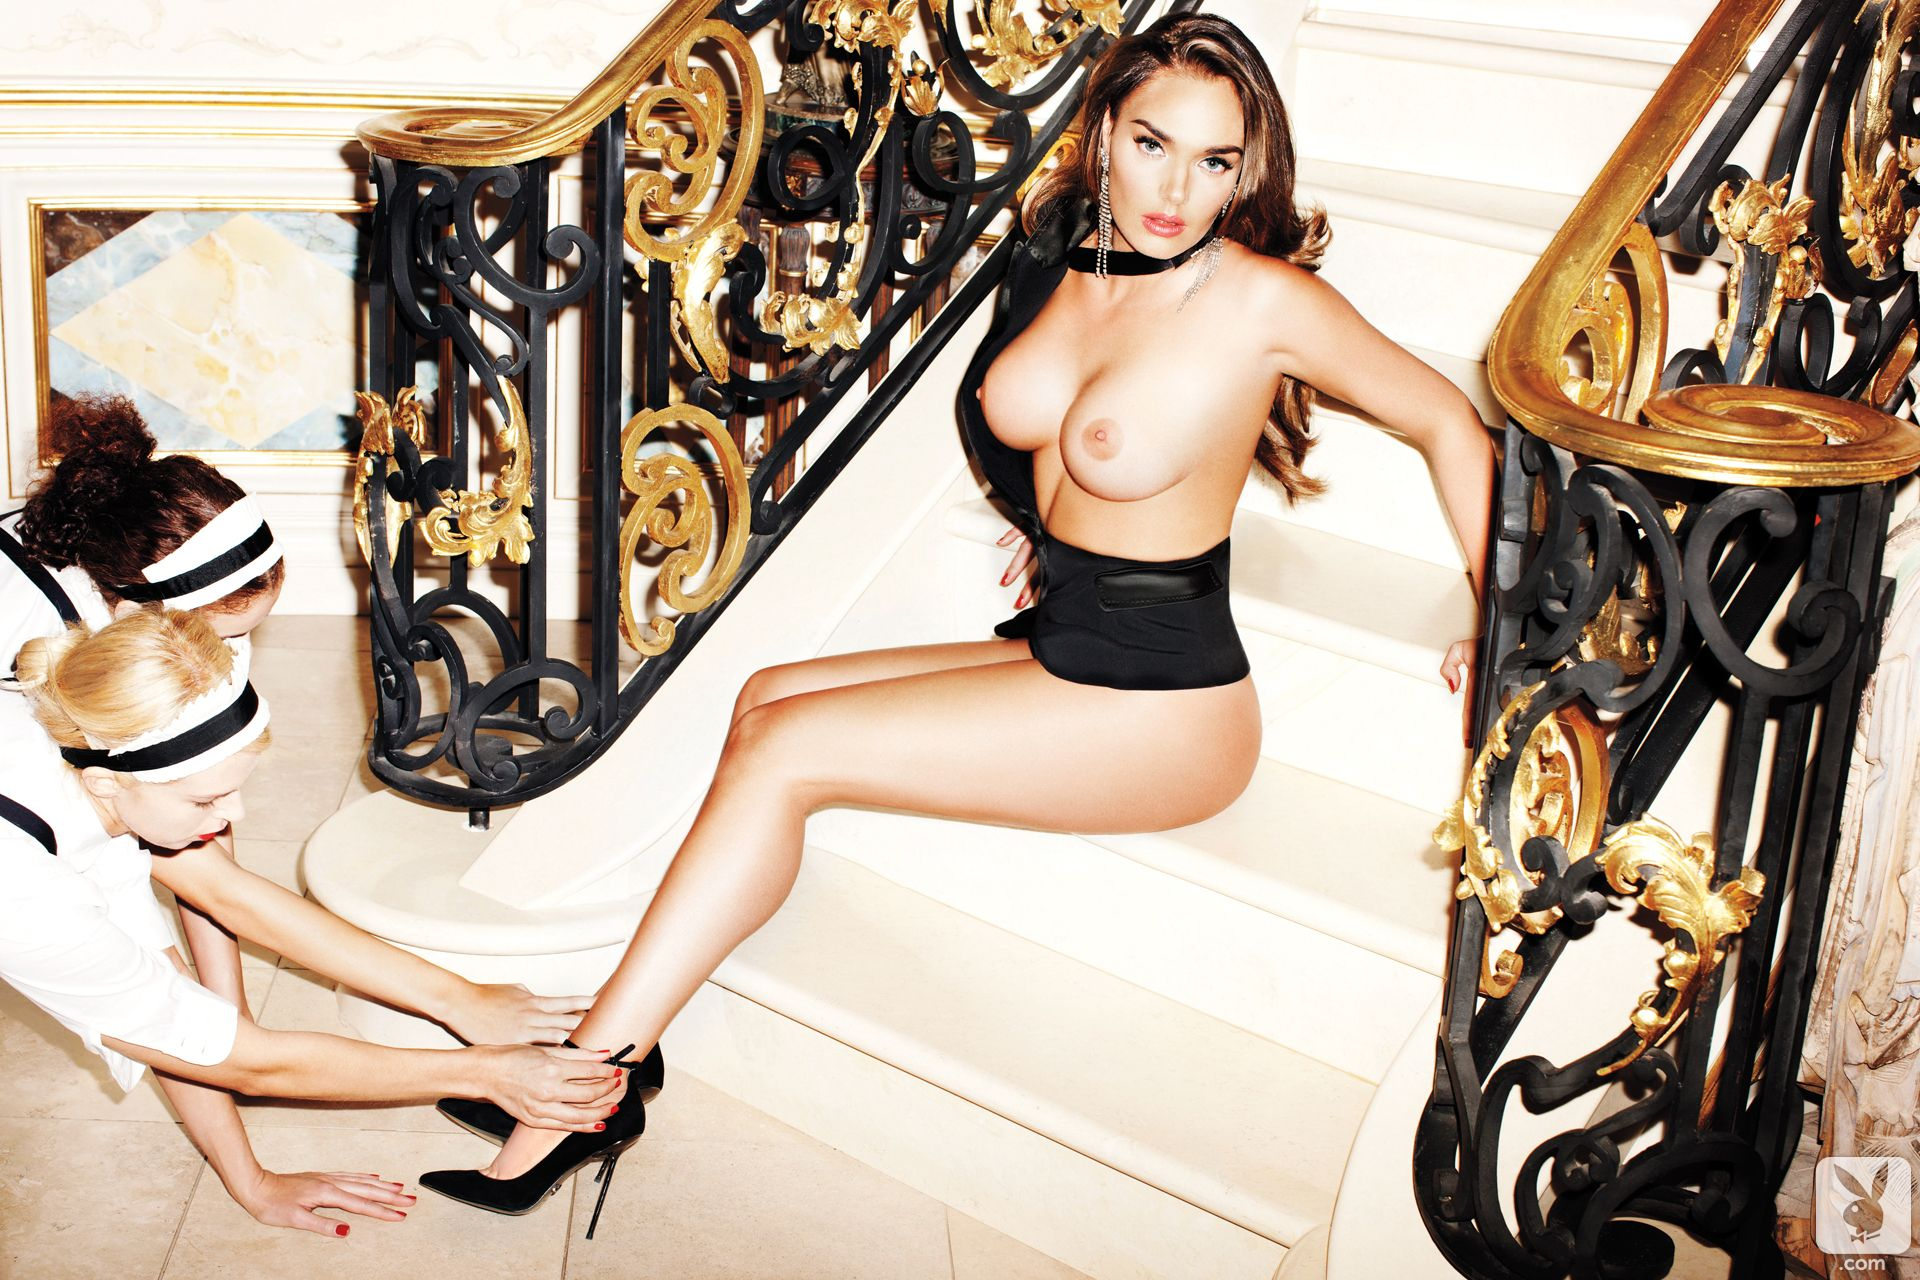 Nude Pics Of Tamara Eccle...